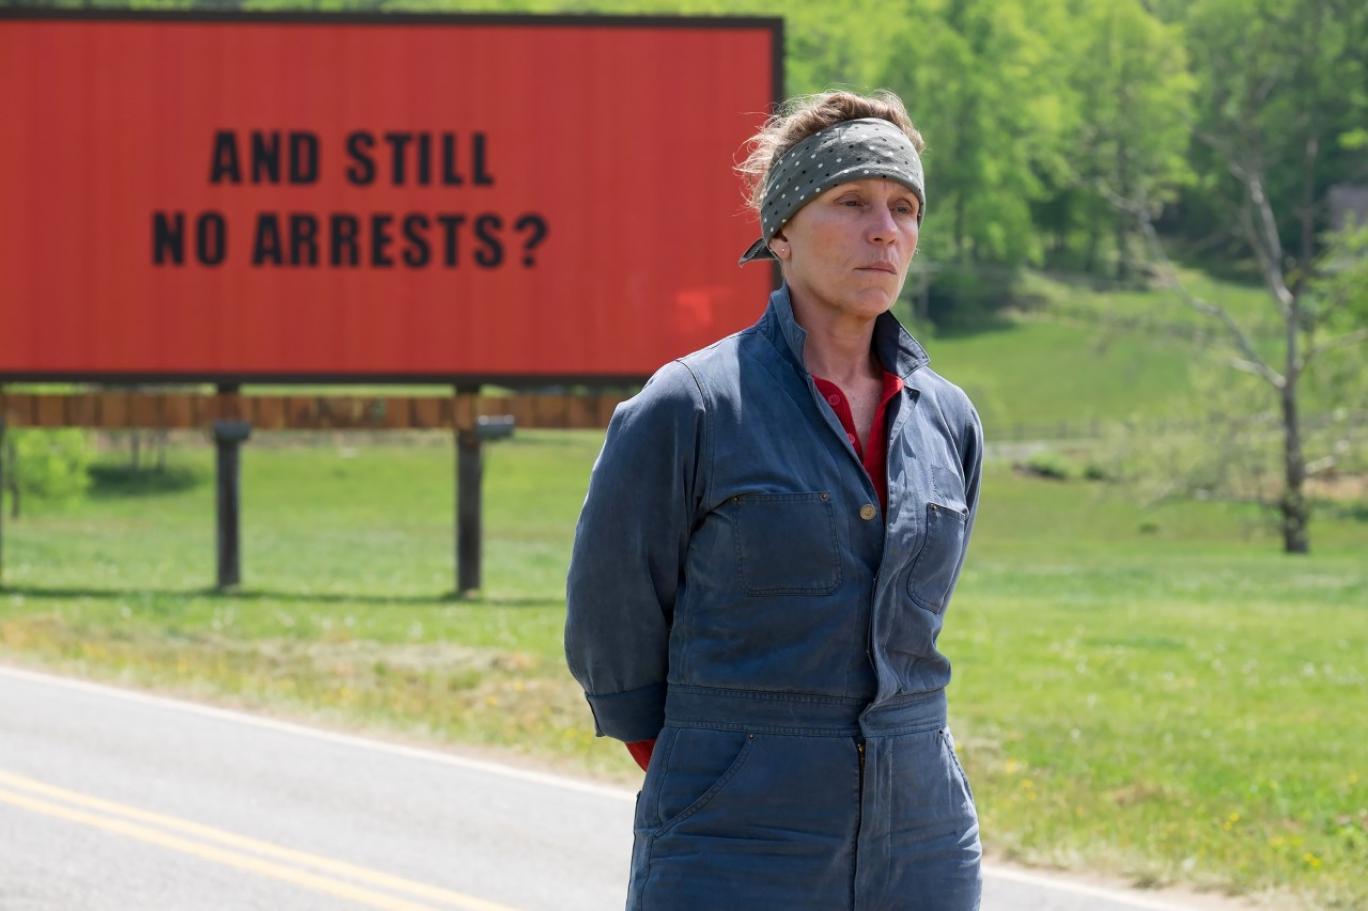 """الممثلة الأميركية فرانسز ماكدورماند في فيلم """"ثلاث لوحات إعلانية..."""" (الخدمة الإعلامية للفيلم)"""